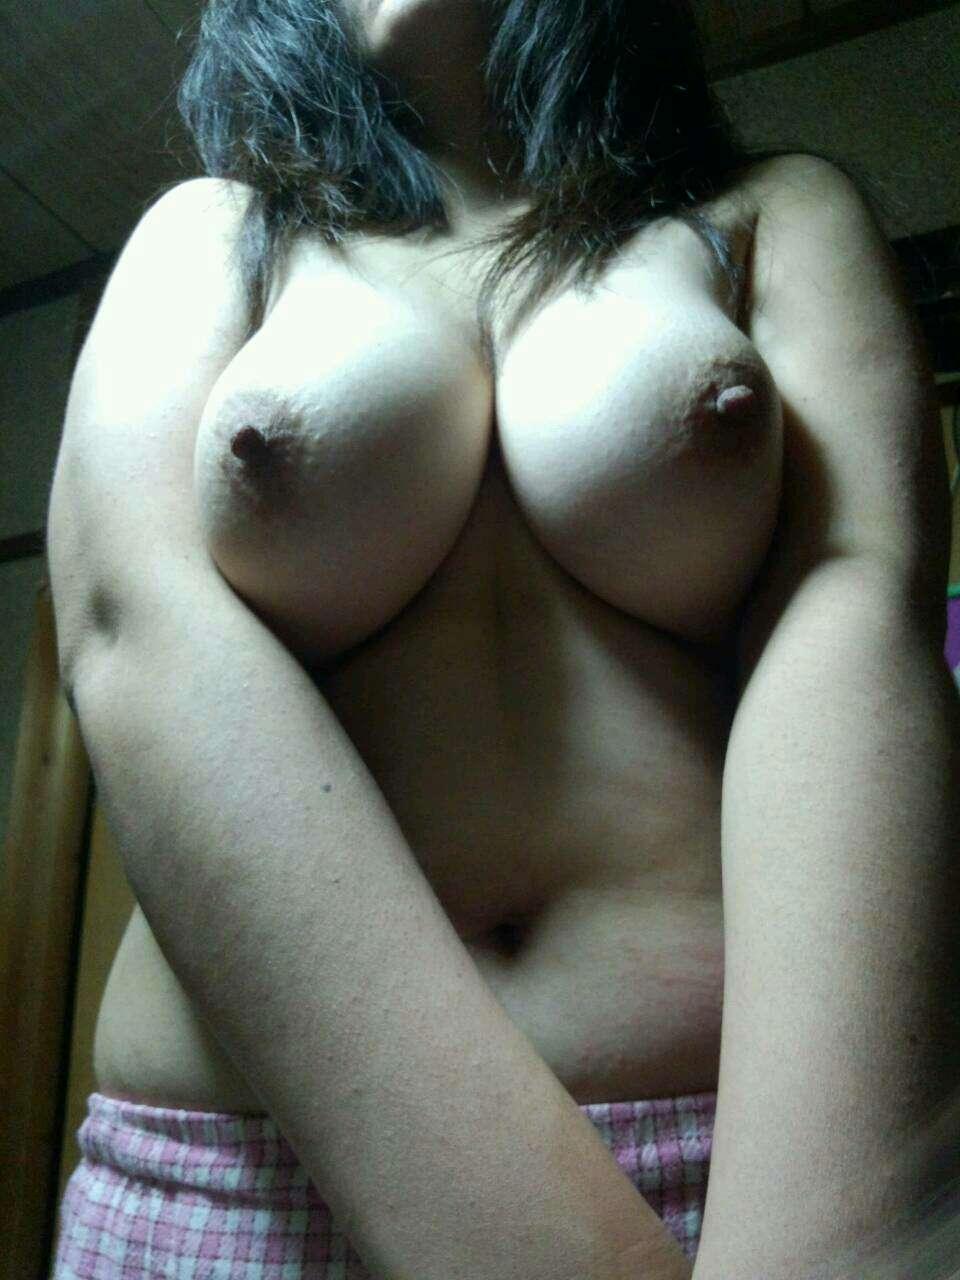 ぽっちゃり系??いや、デブ女どもの全裸を集めた素人ヌード集www 0227